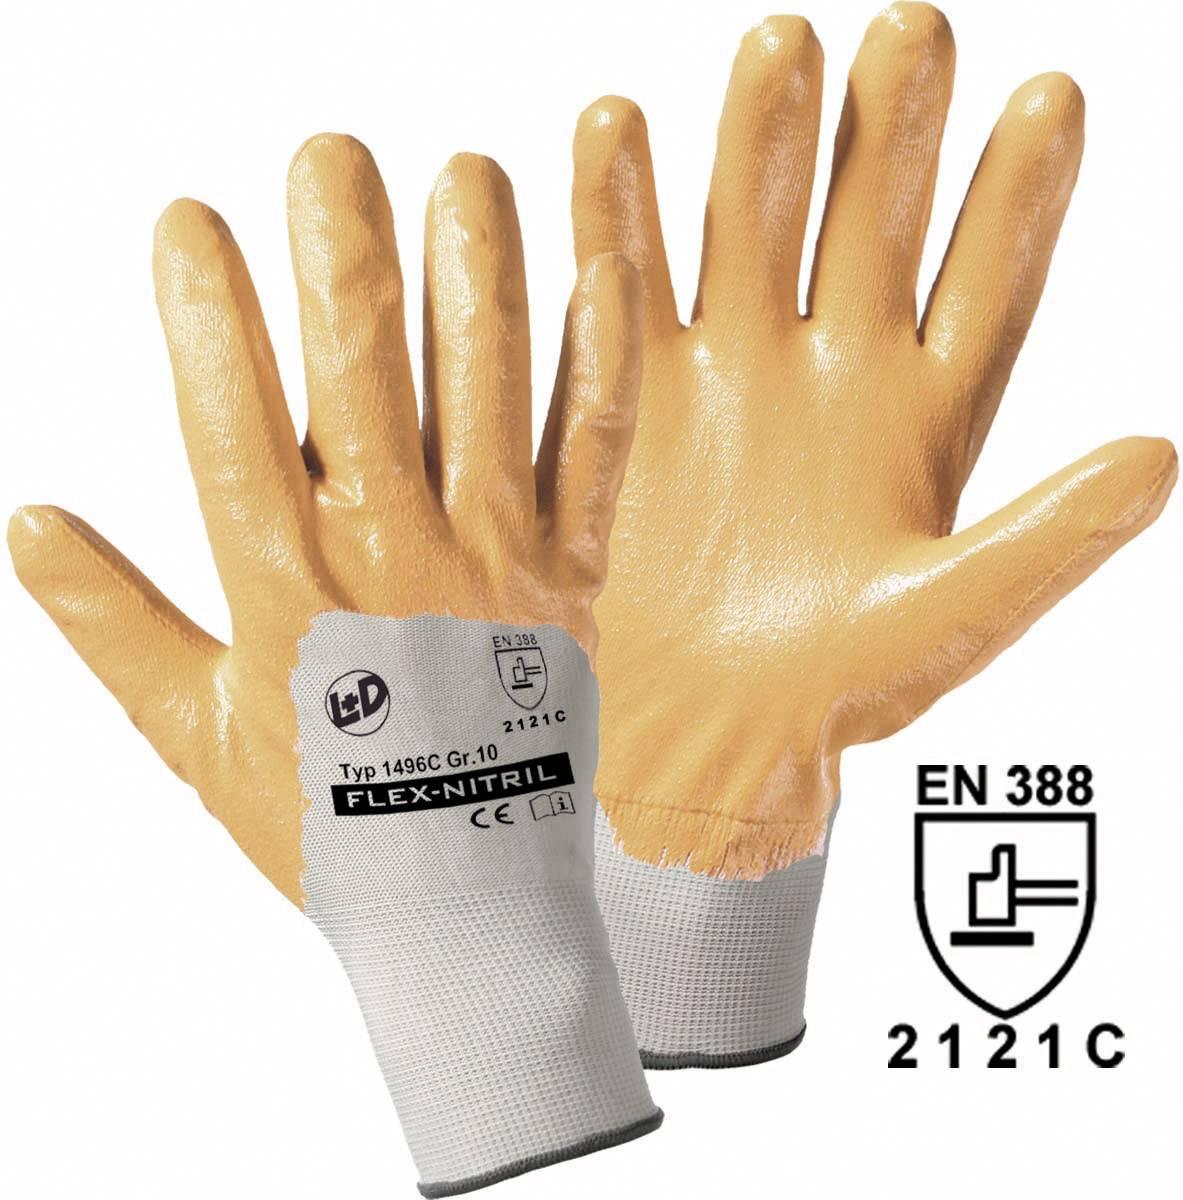 Pracovní rukavice worky Flex-Nitril 1496C, velikost rukavic: 7, S